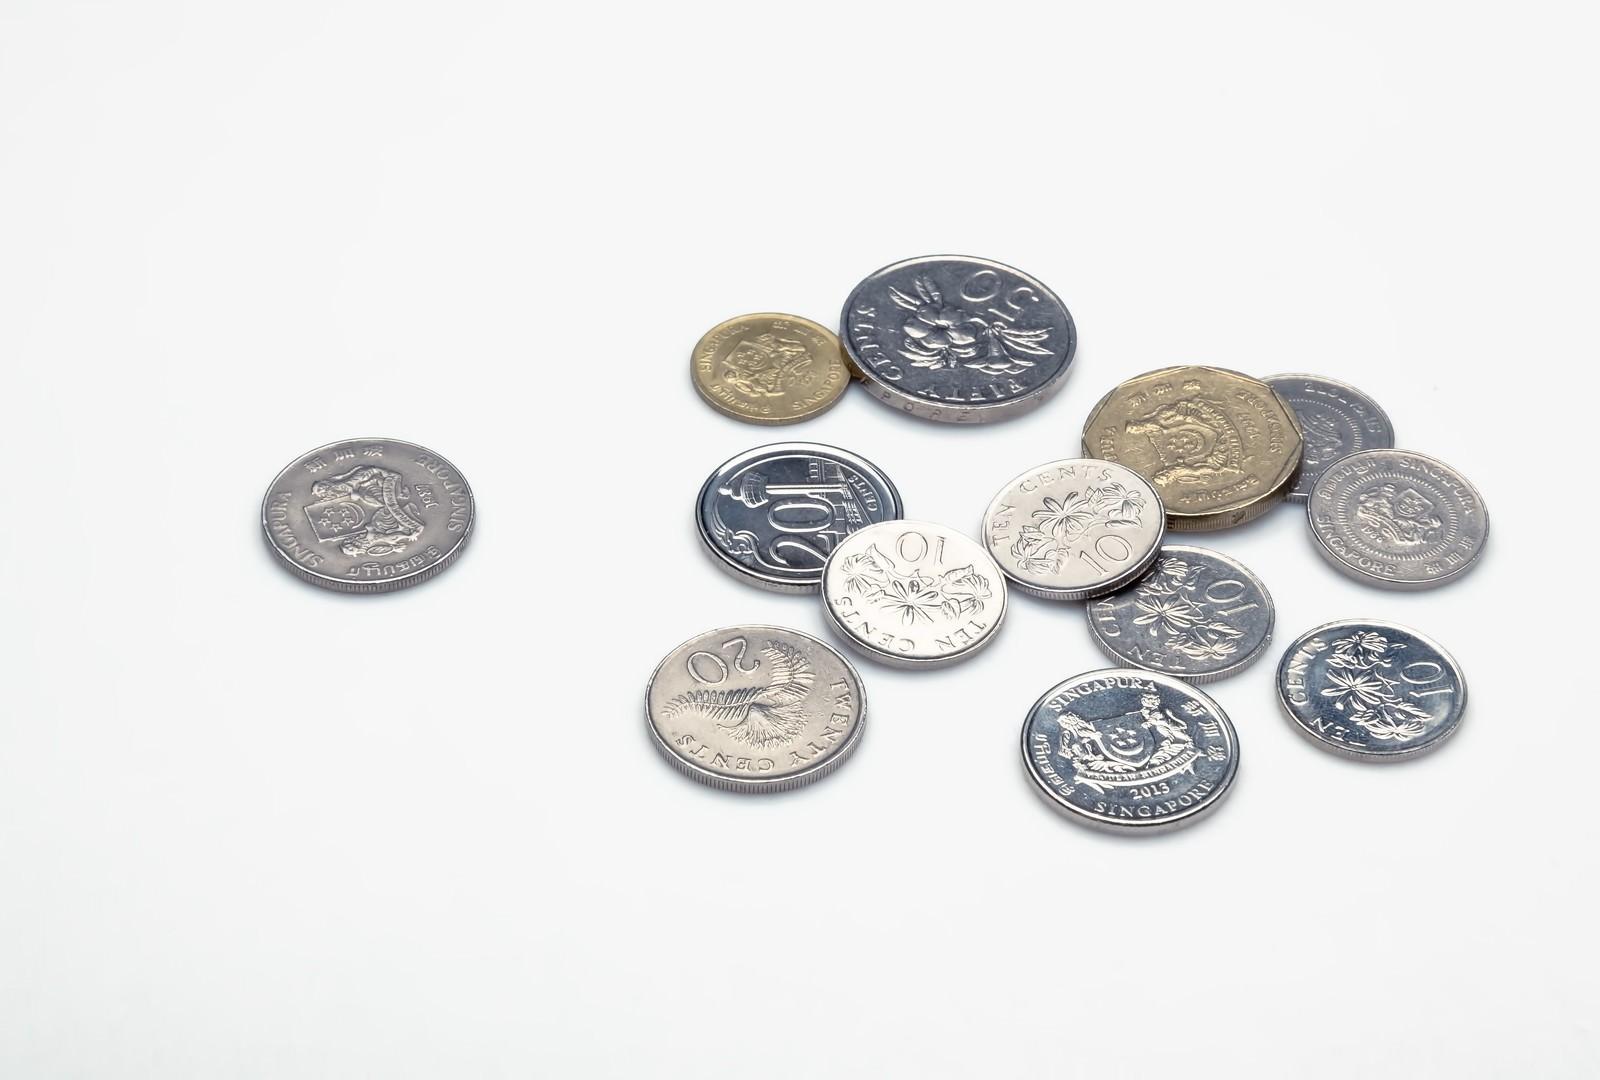 「散らばったシンガポールのコイン散らばったシンガポールのコイン」のフリー写真素材を拡大